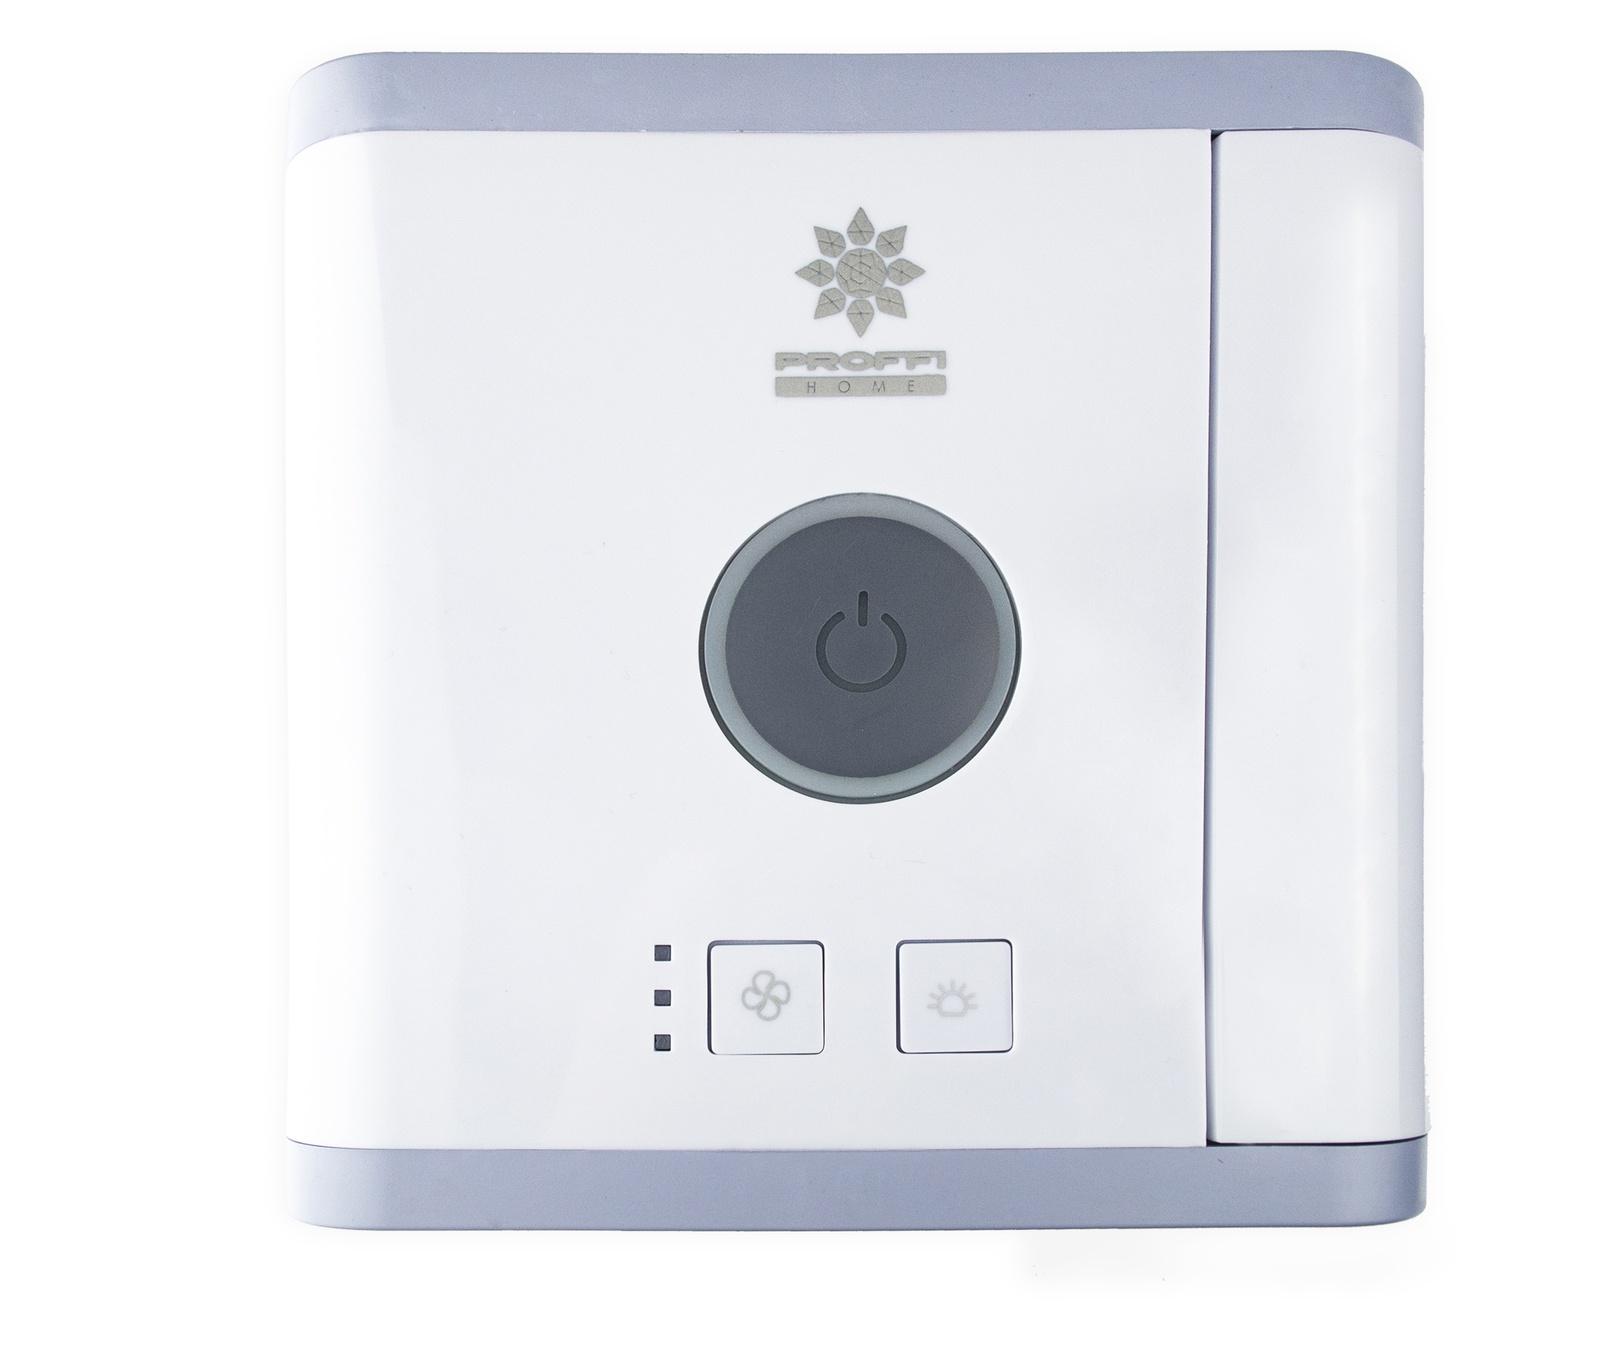 Увлажнитель-климатическая станция 3 в 1 PROFFI PH9511, серый Proffi Home